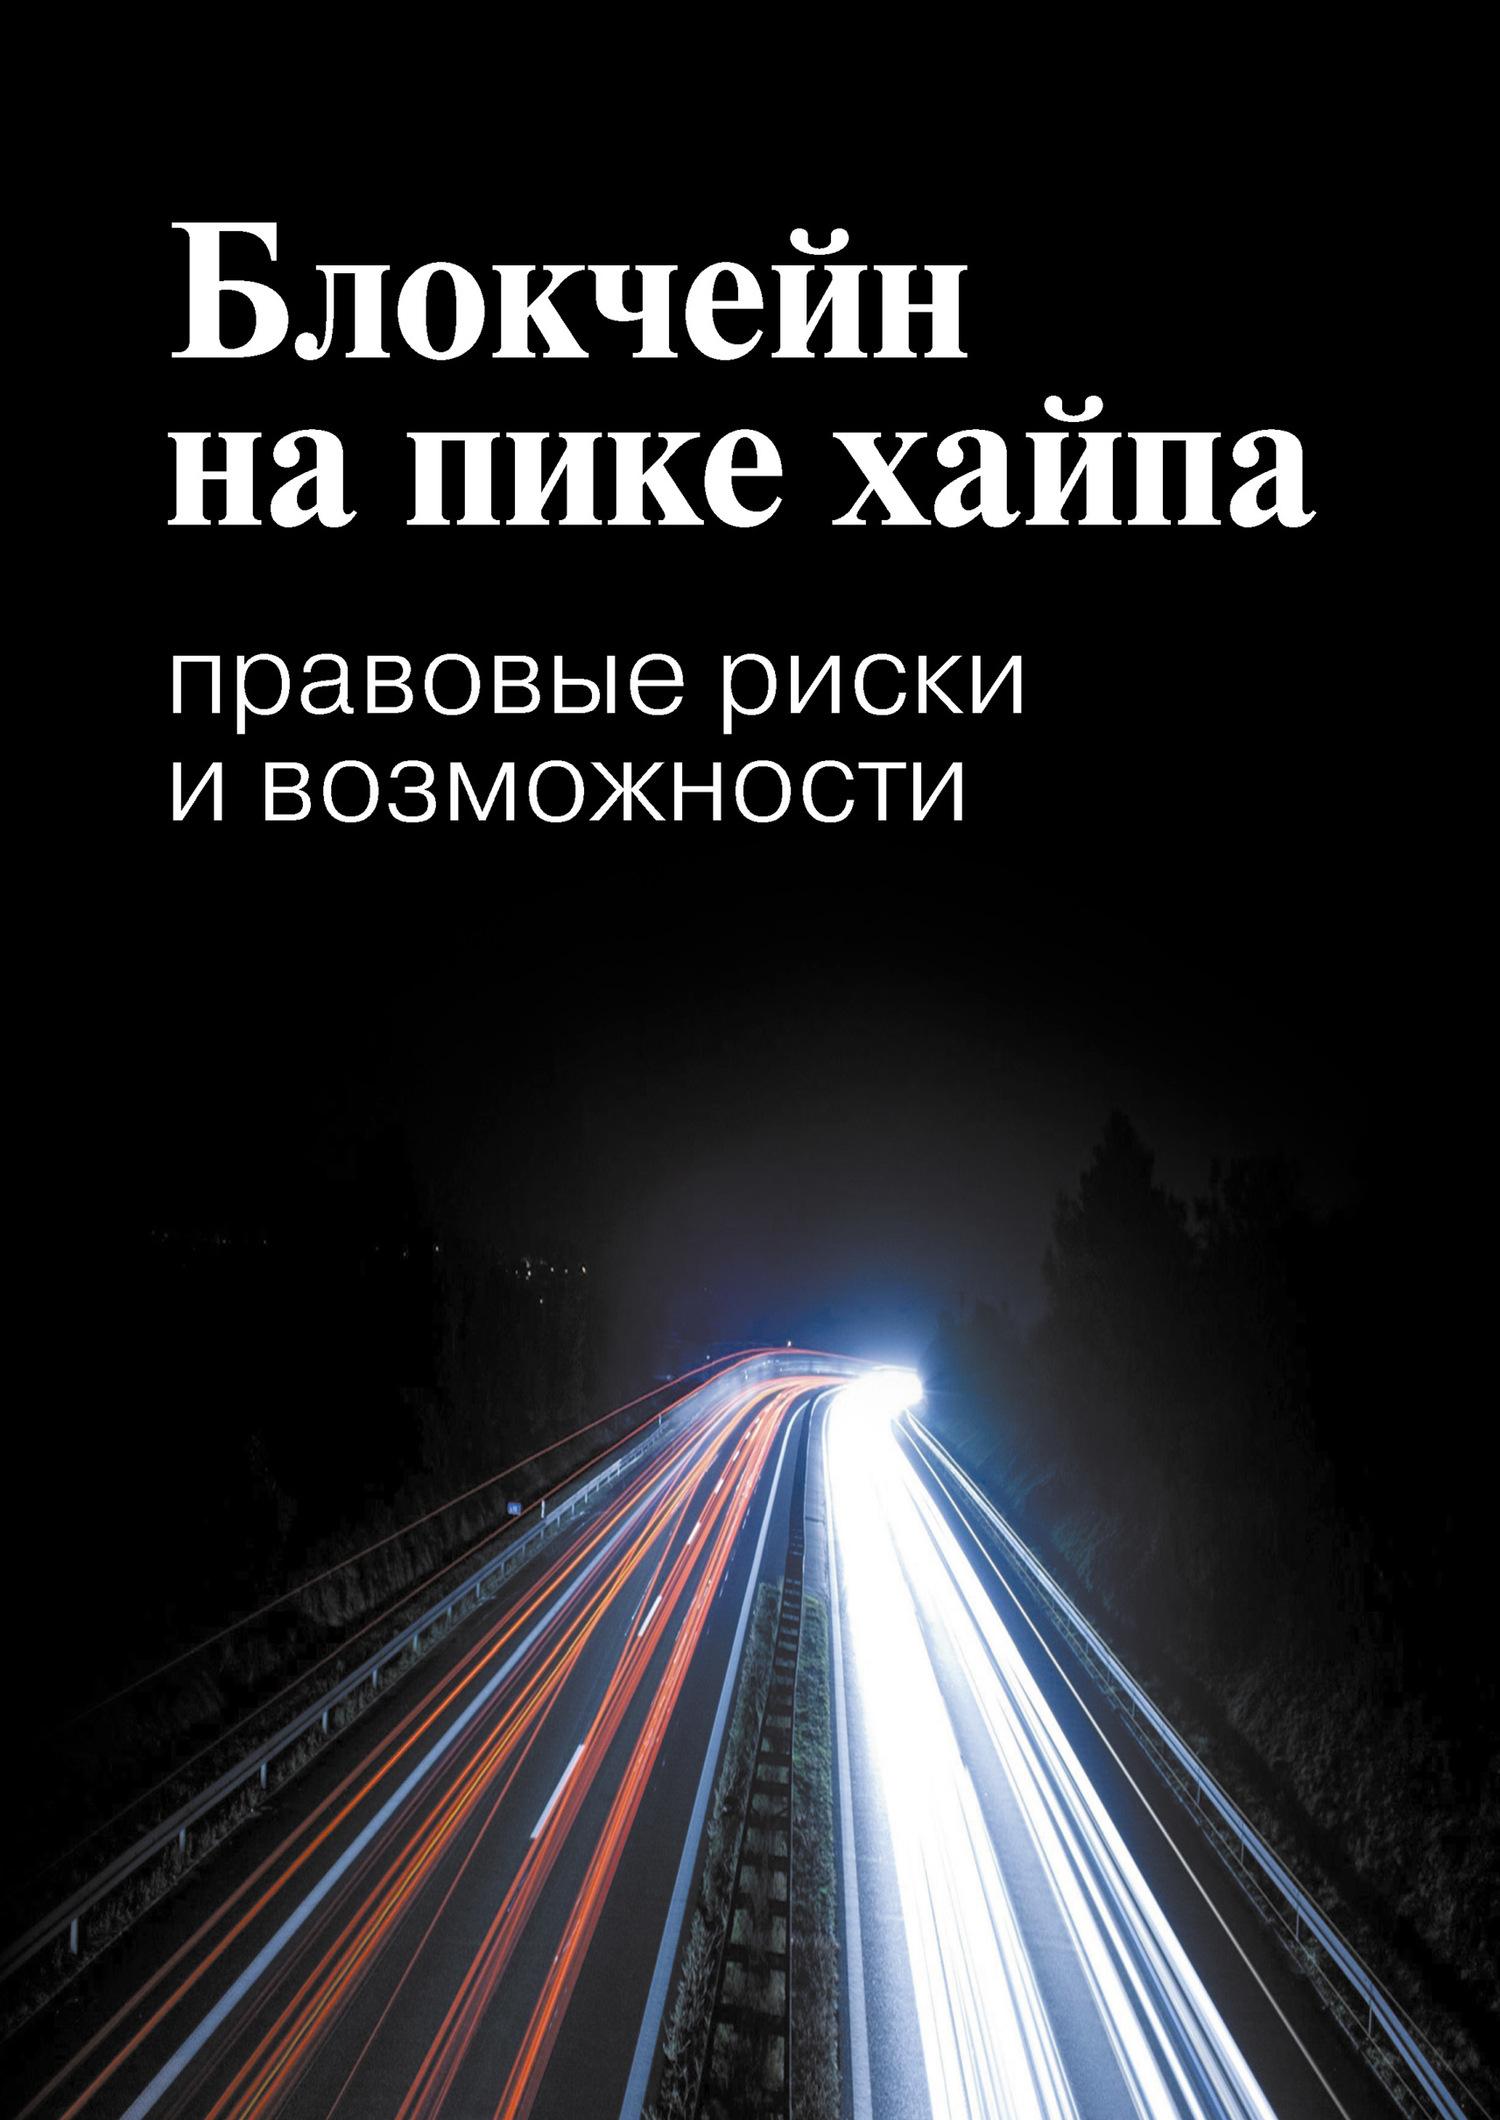 Книга Блокчейн на пике хайпа. Правовые риски и возможности